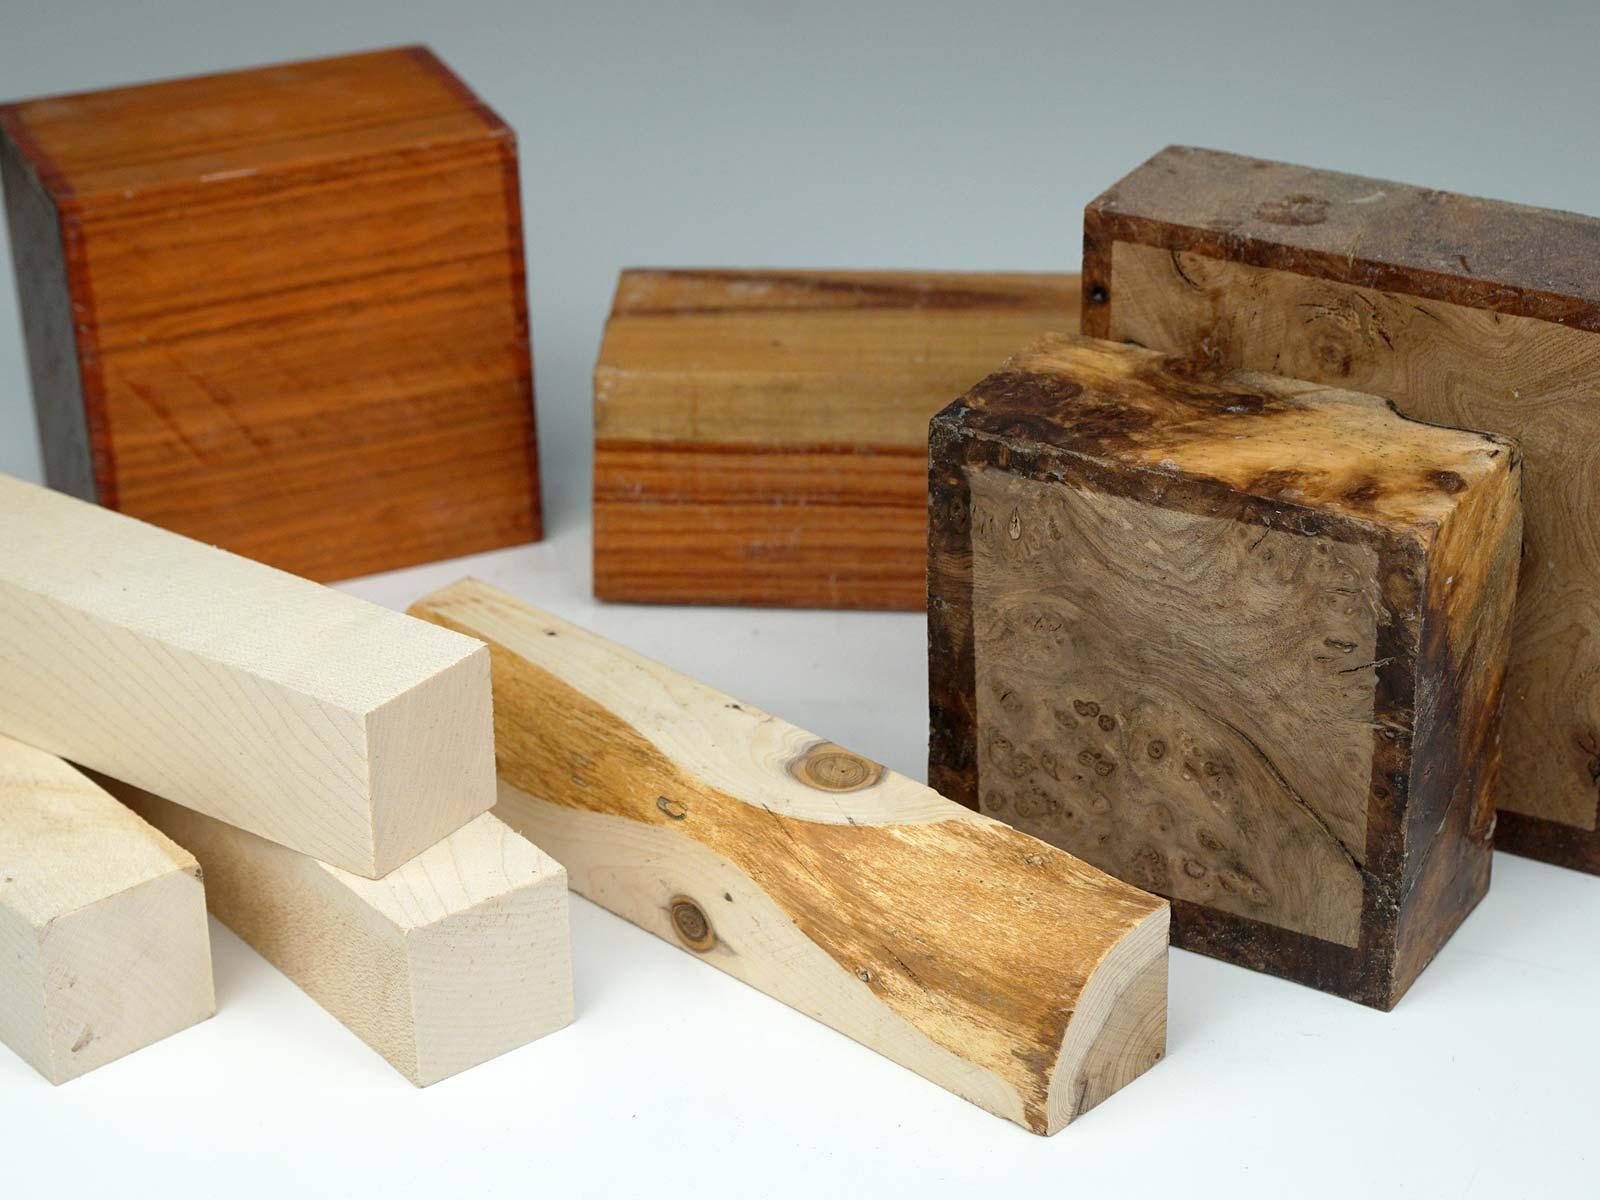 Holzbeschaffung und Trocknung – Grundlagen des Drechselns Teil 1